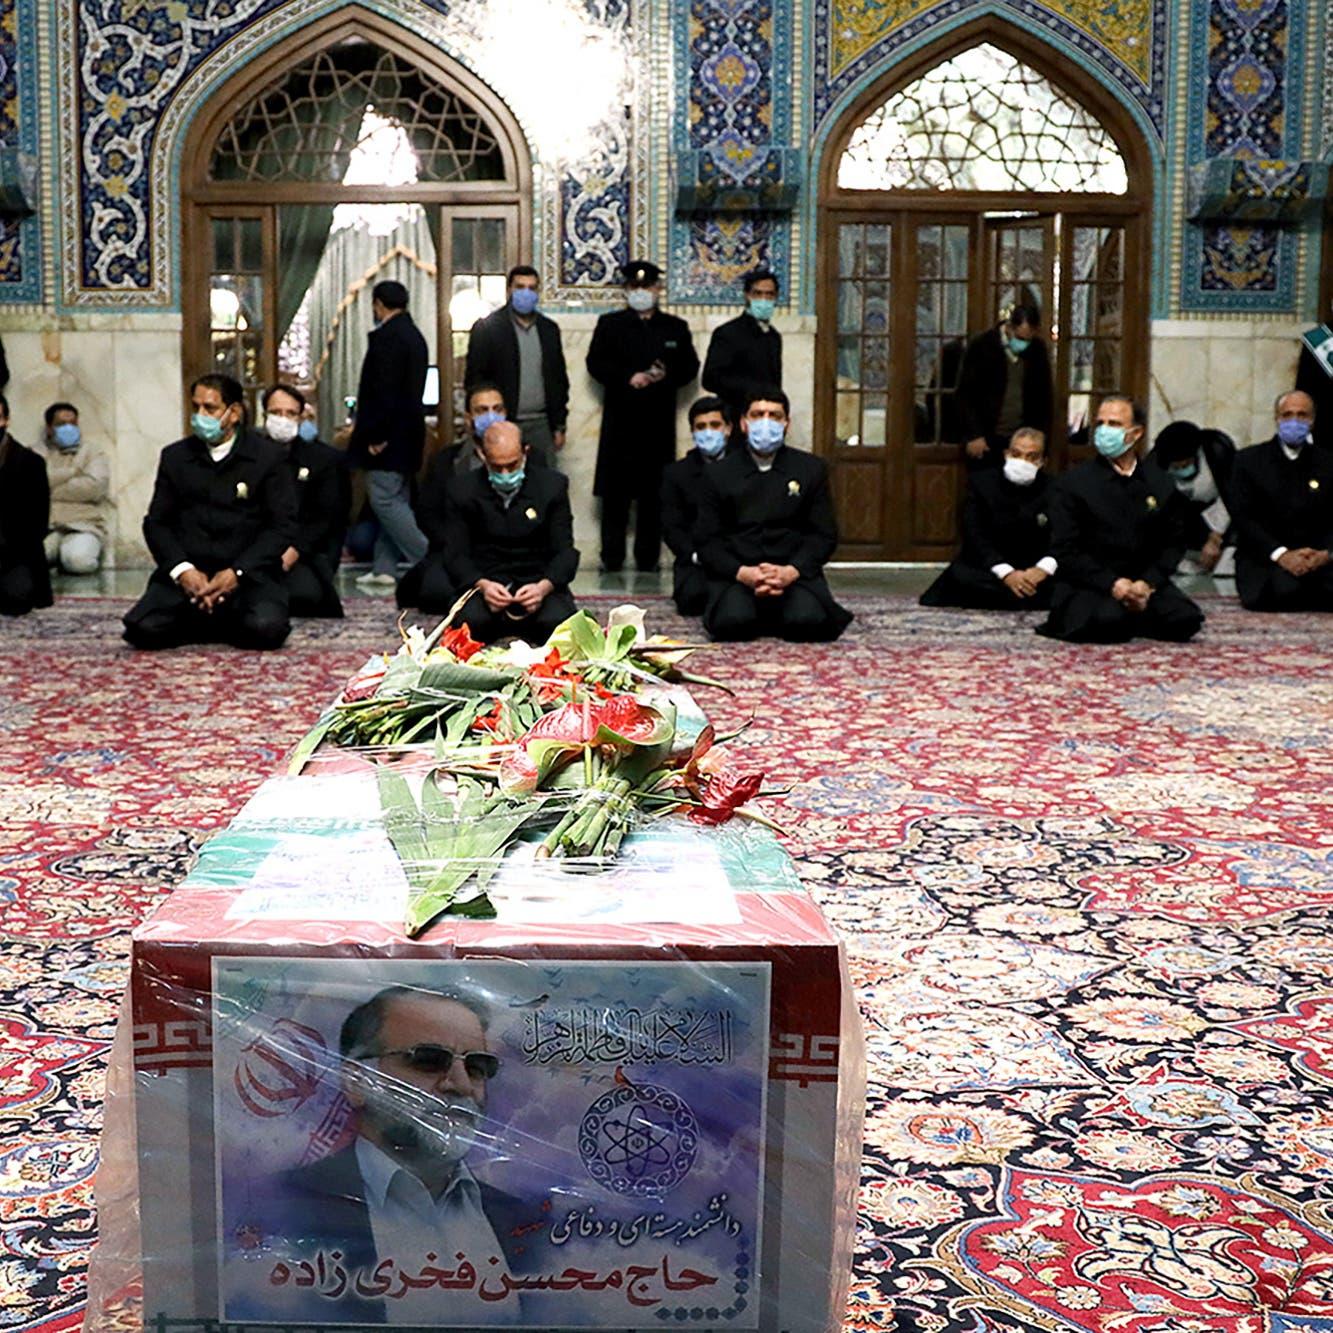 إيران: السلاح المستخدم في اغتيال فخري زاده يعود للناتو